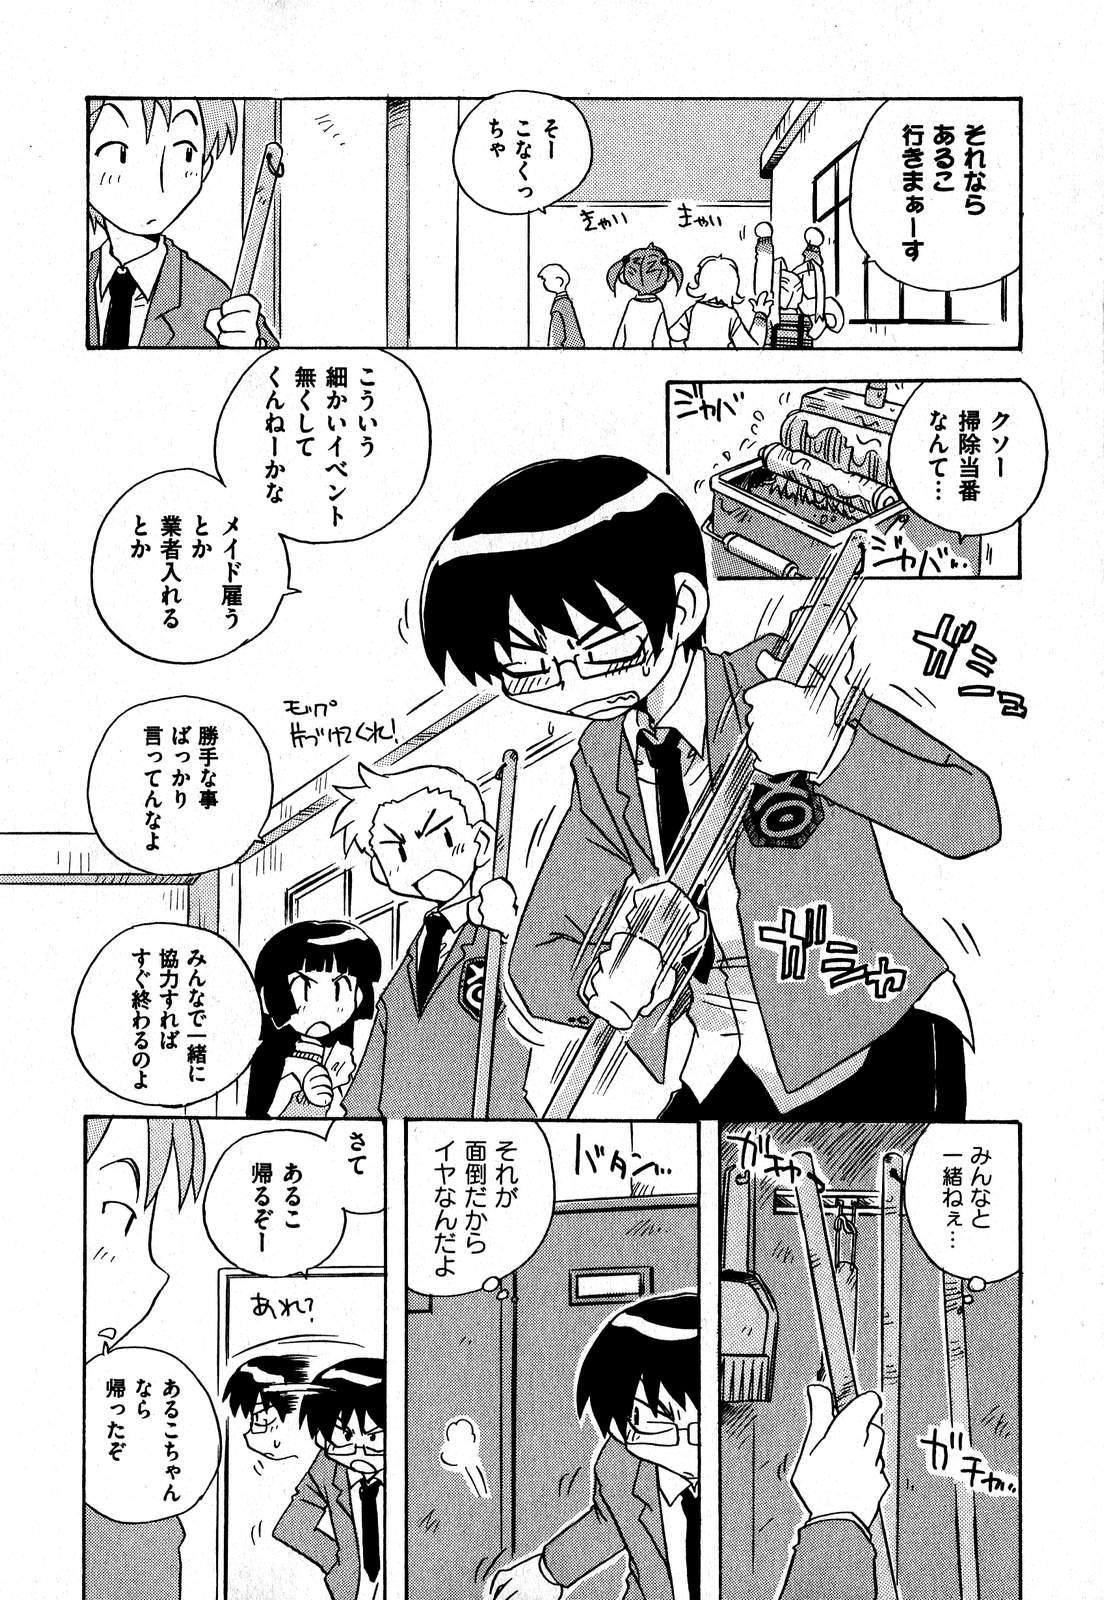 COMIC XO 2007-09 Vol. 16 207